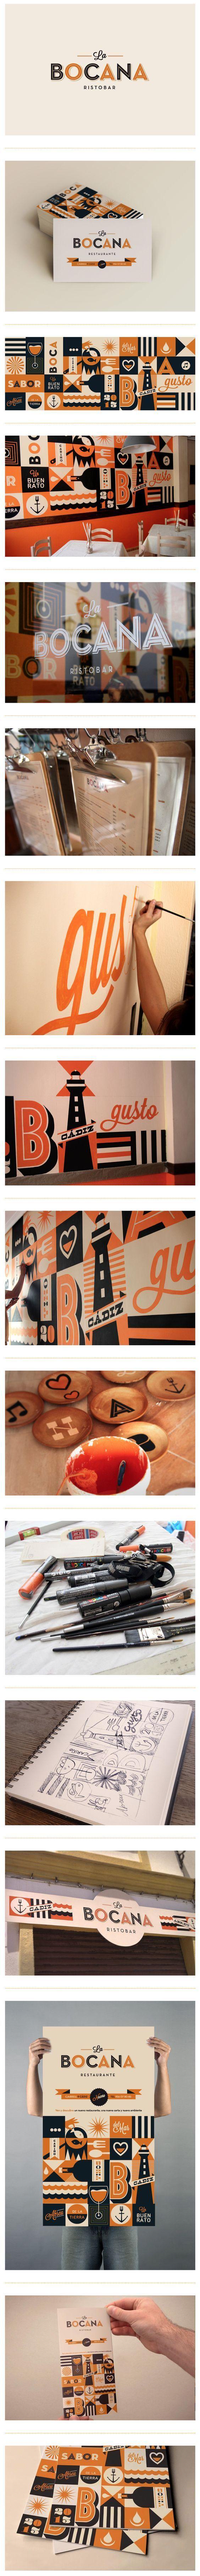 Te ofrecemos una cuidada y valiosa colección con los mejores ejemplos de branding para restaurantes. Si quieres cambiar, mejorar o crear la identidad corporativa de tu negocio, este post te resultará de gran ayuda